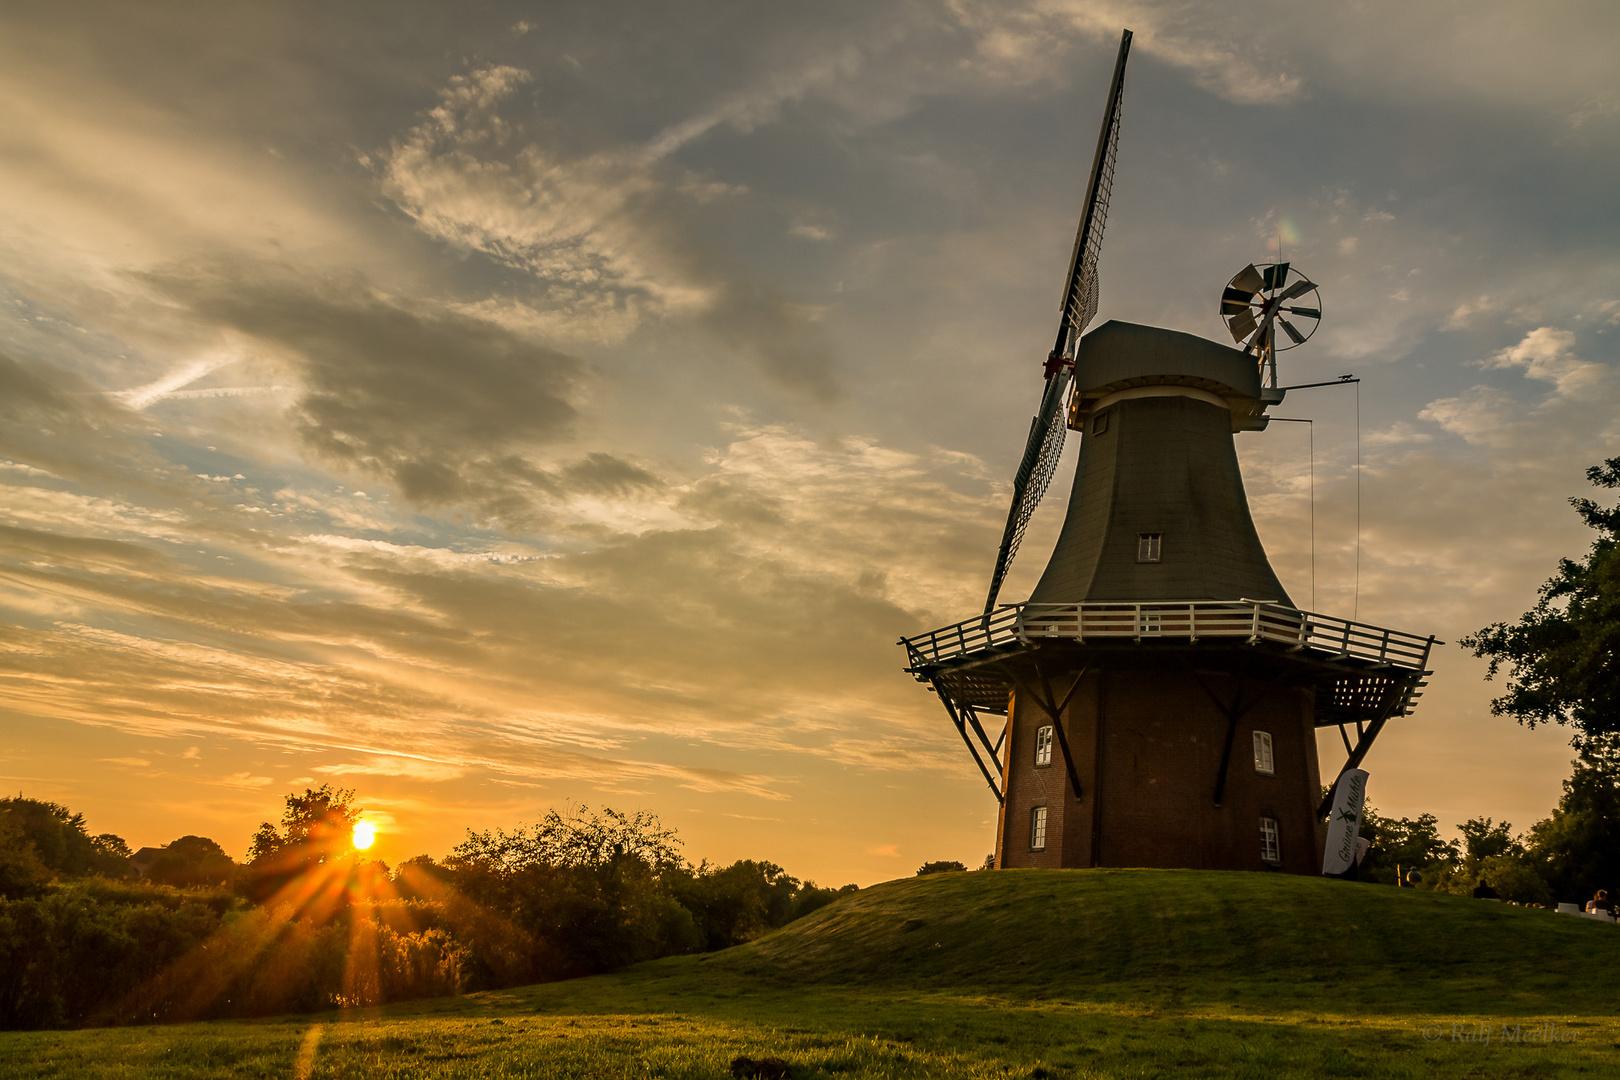 Grüne Mühle zum Sonnenuntergang in Greetsiel